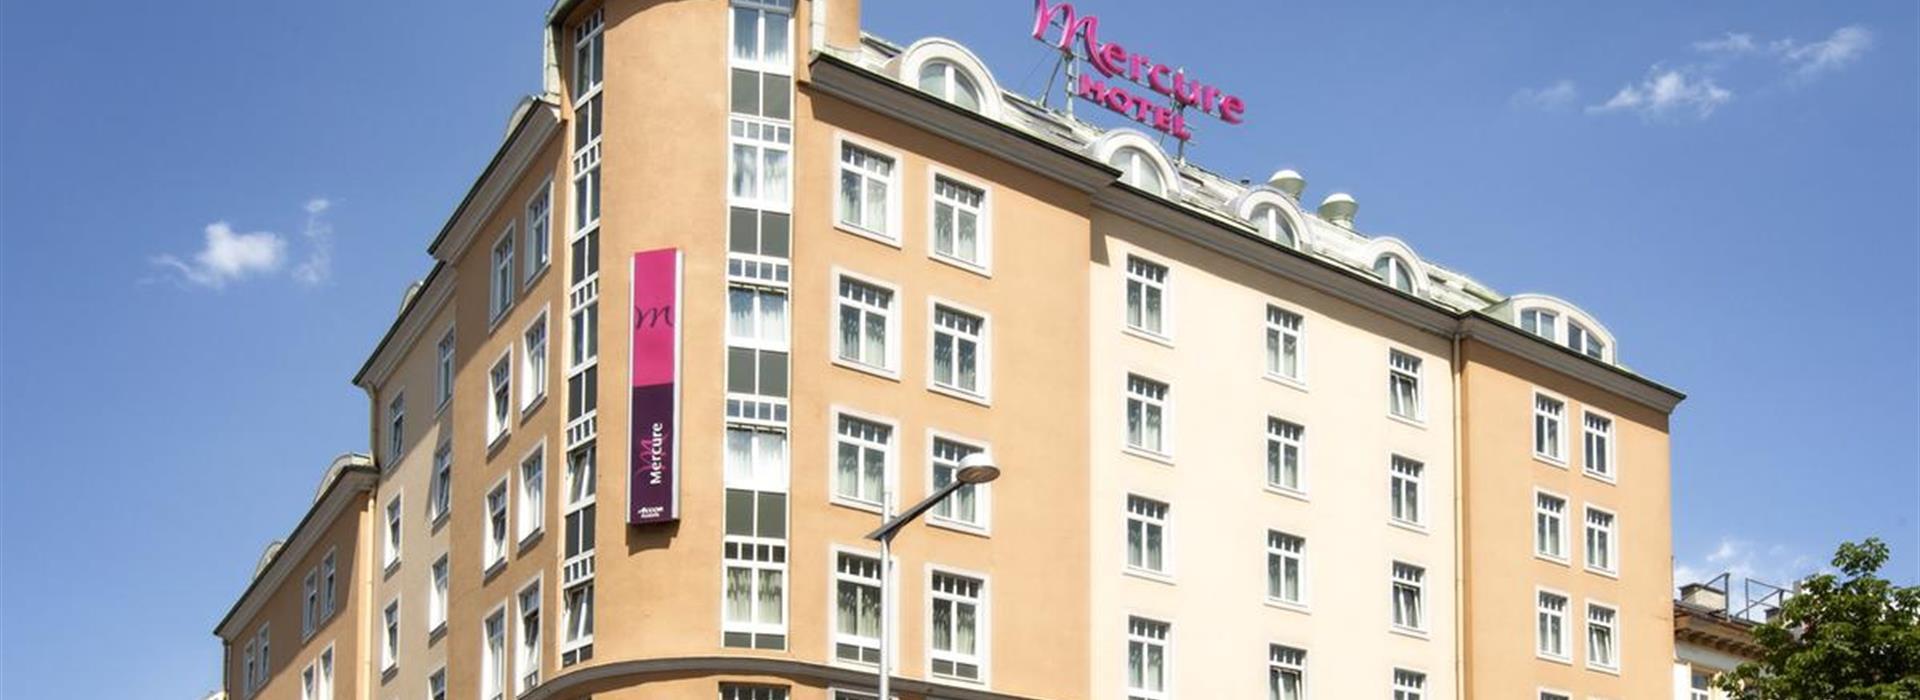 Hotel-Mercure-Wien-Westbahnhof